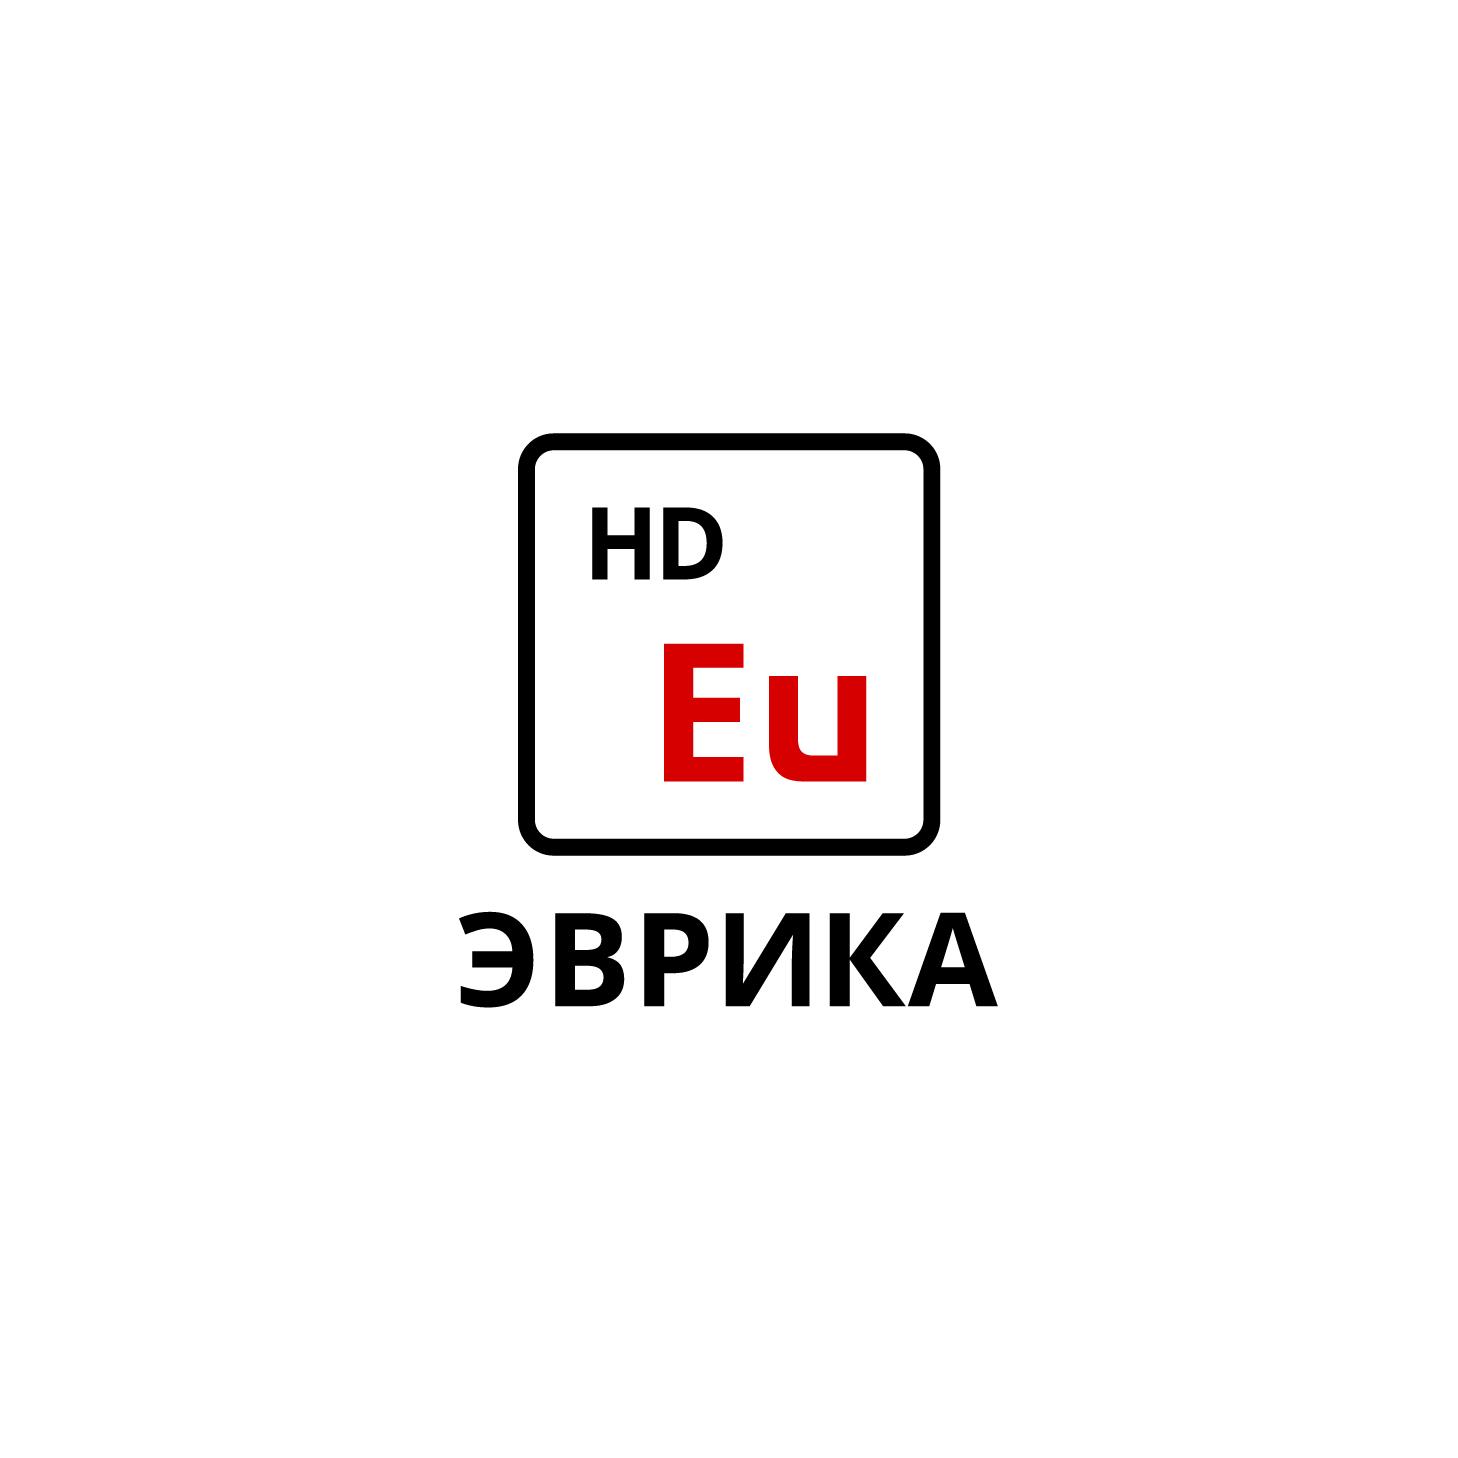 eurekahd